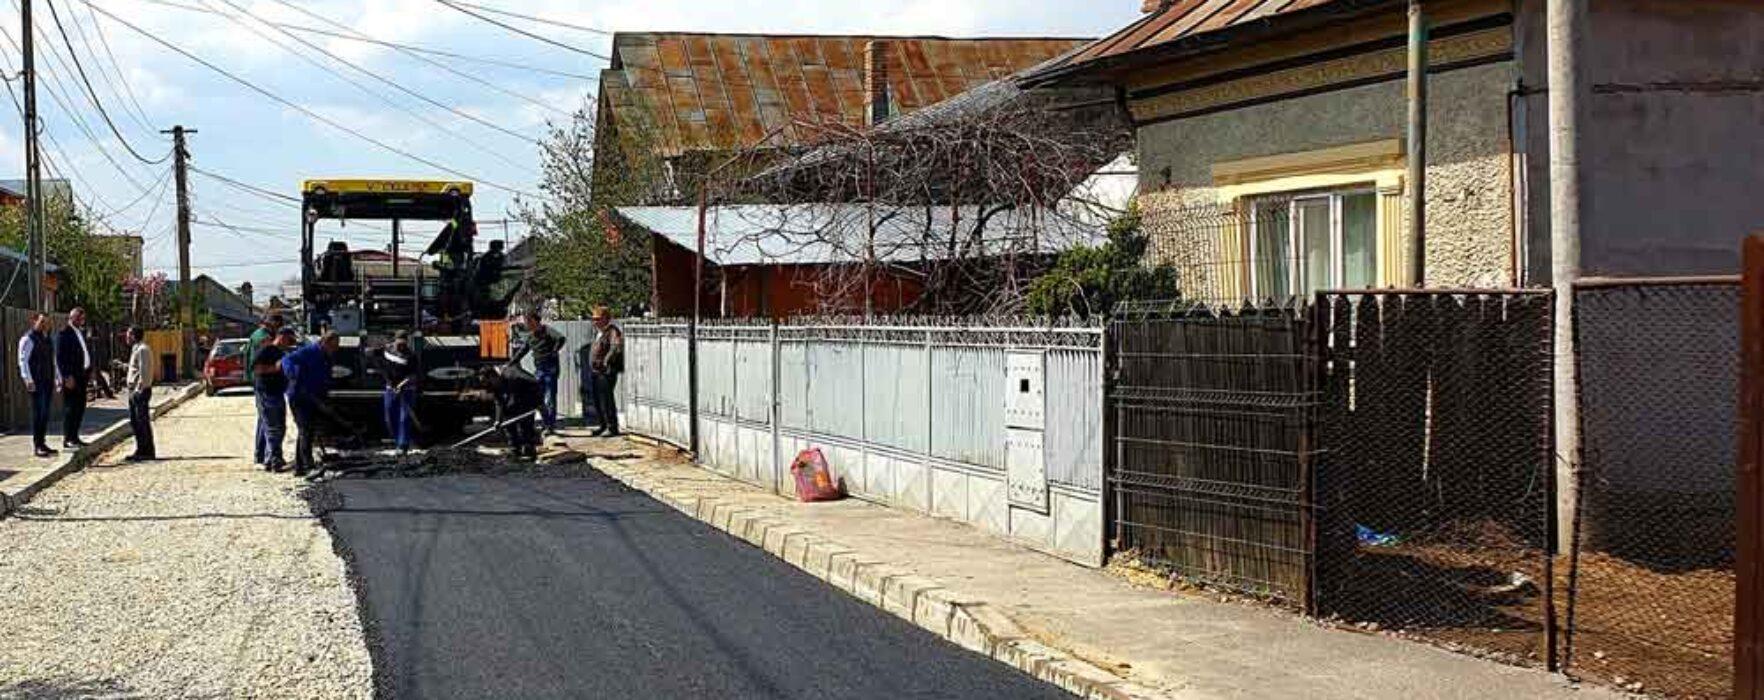 Târgovişte: Primăria anunţă că va începe asfaltarea străzilor Nicolae Filipescu, Nifon si Herta